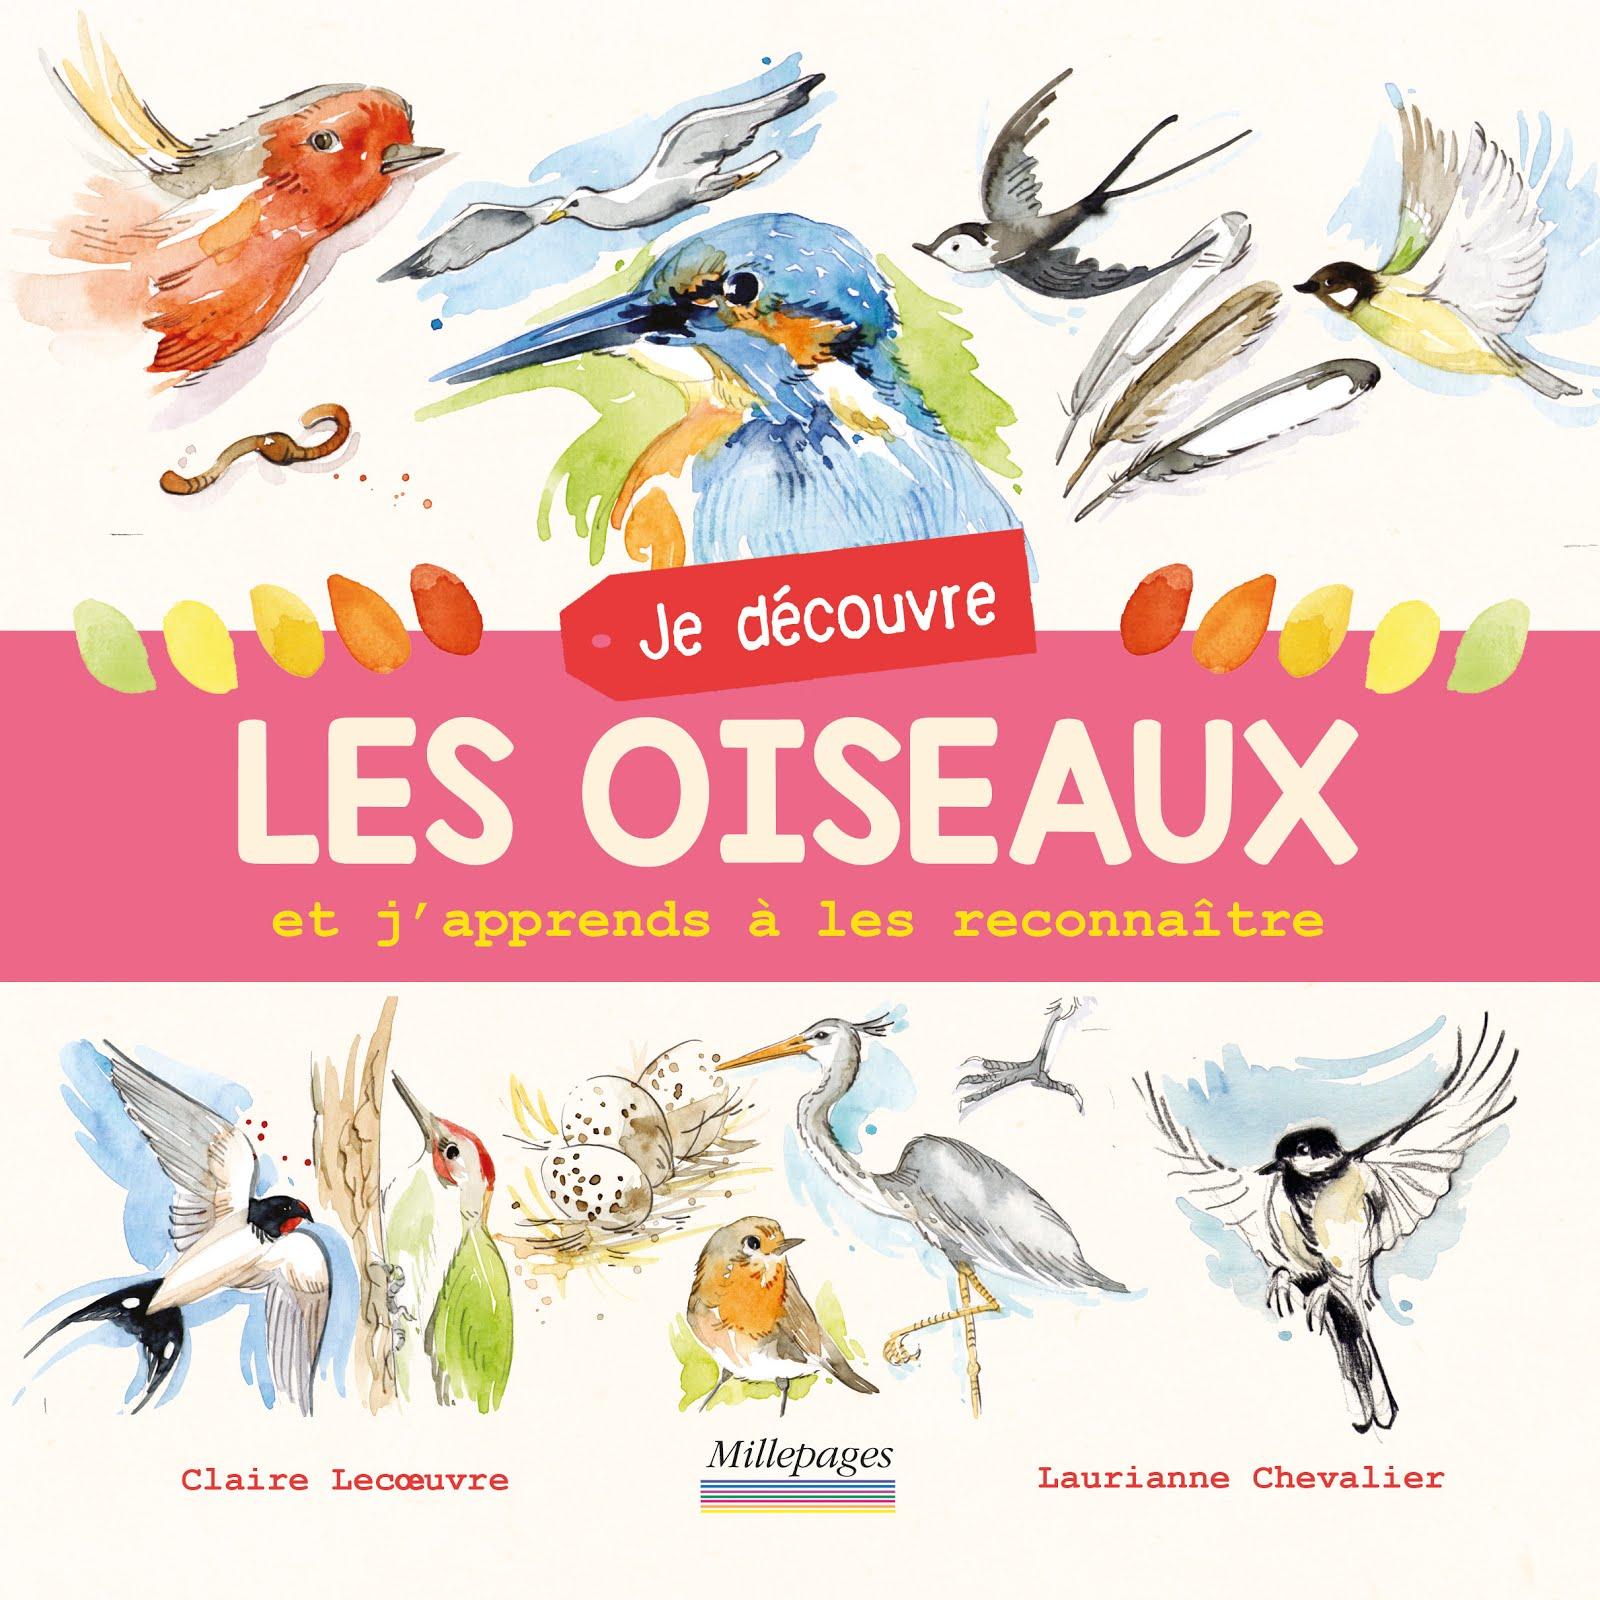 Je découvre les oiseaux (texte Claire Lecœuvre), mai 2018